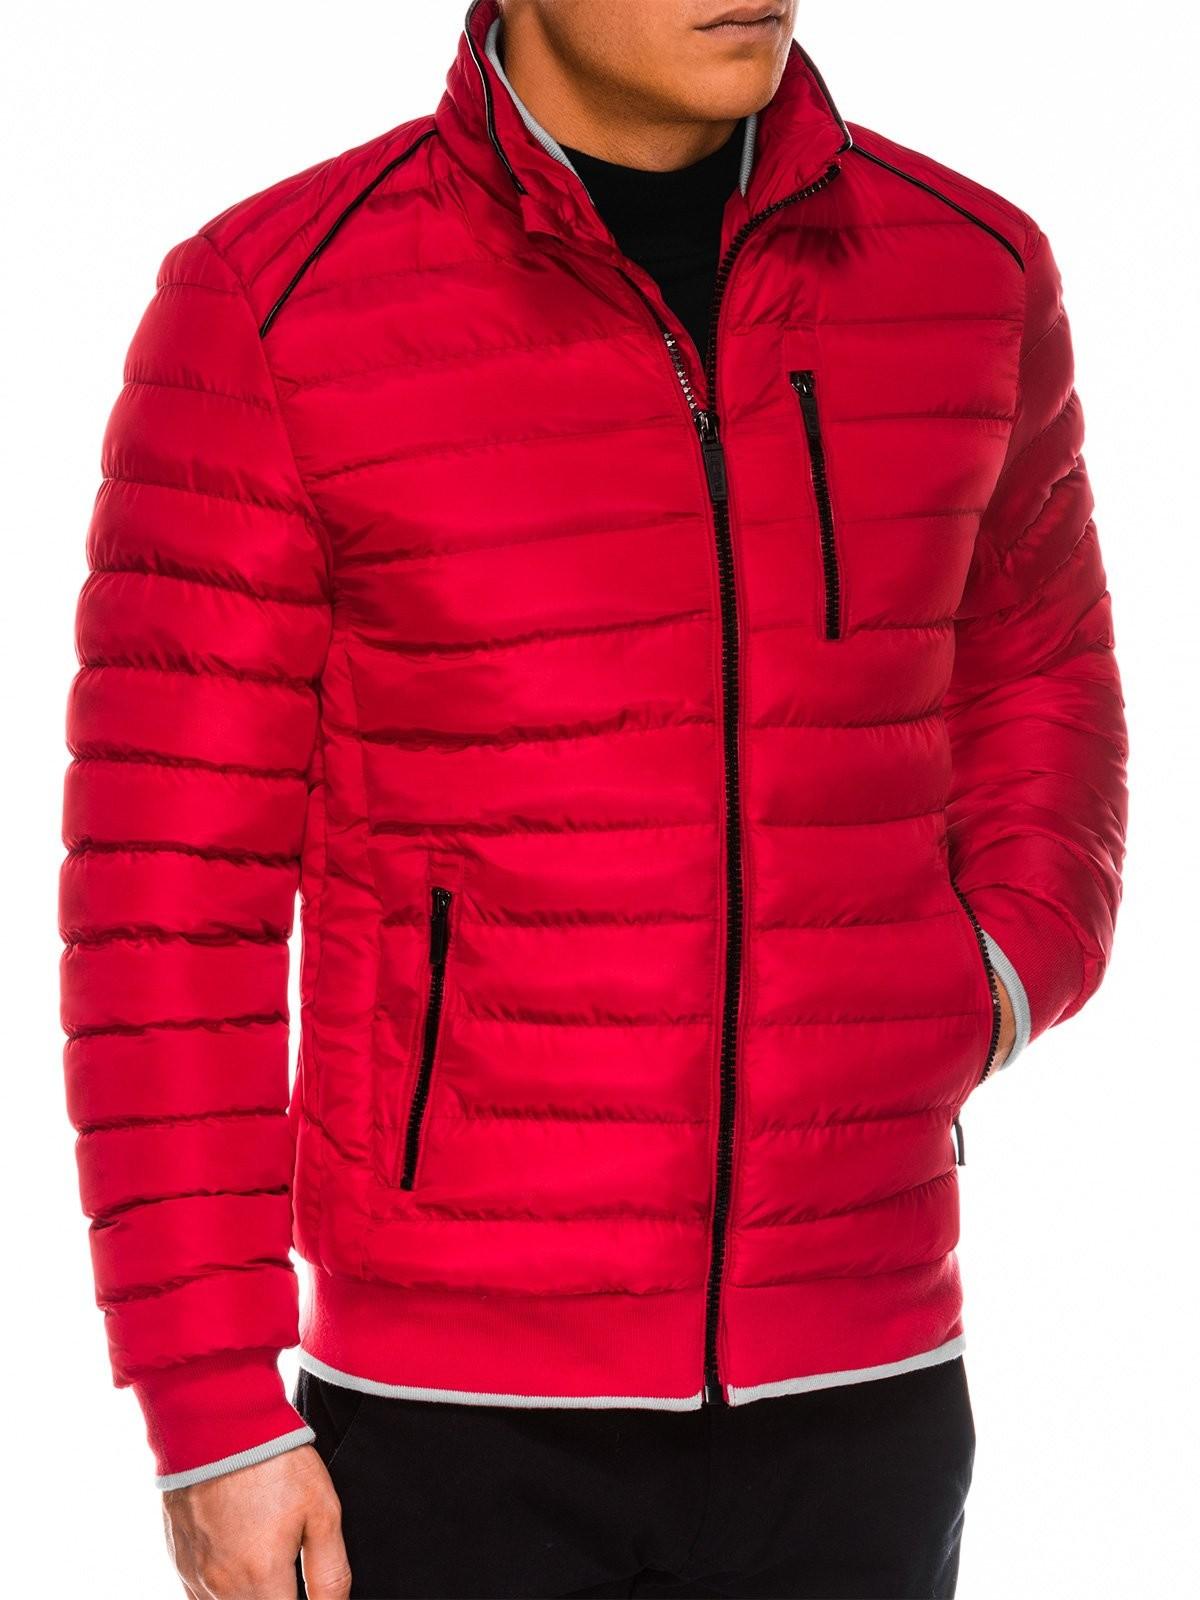 Ombre Kurtka męska zimowa C422 - czerwona